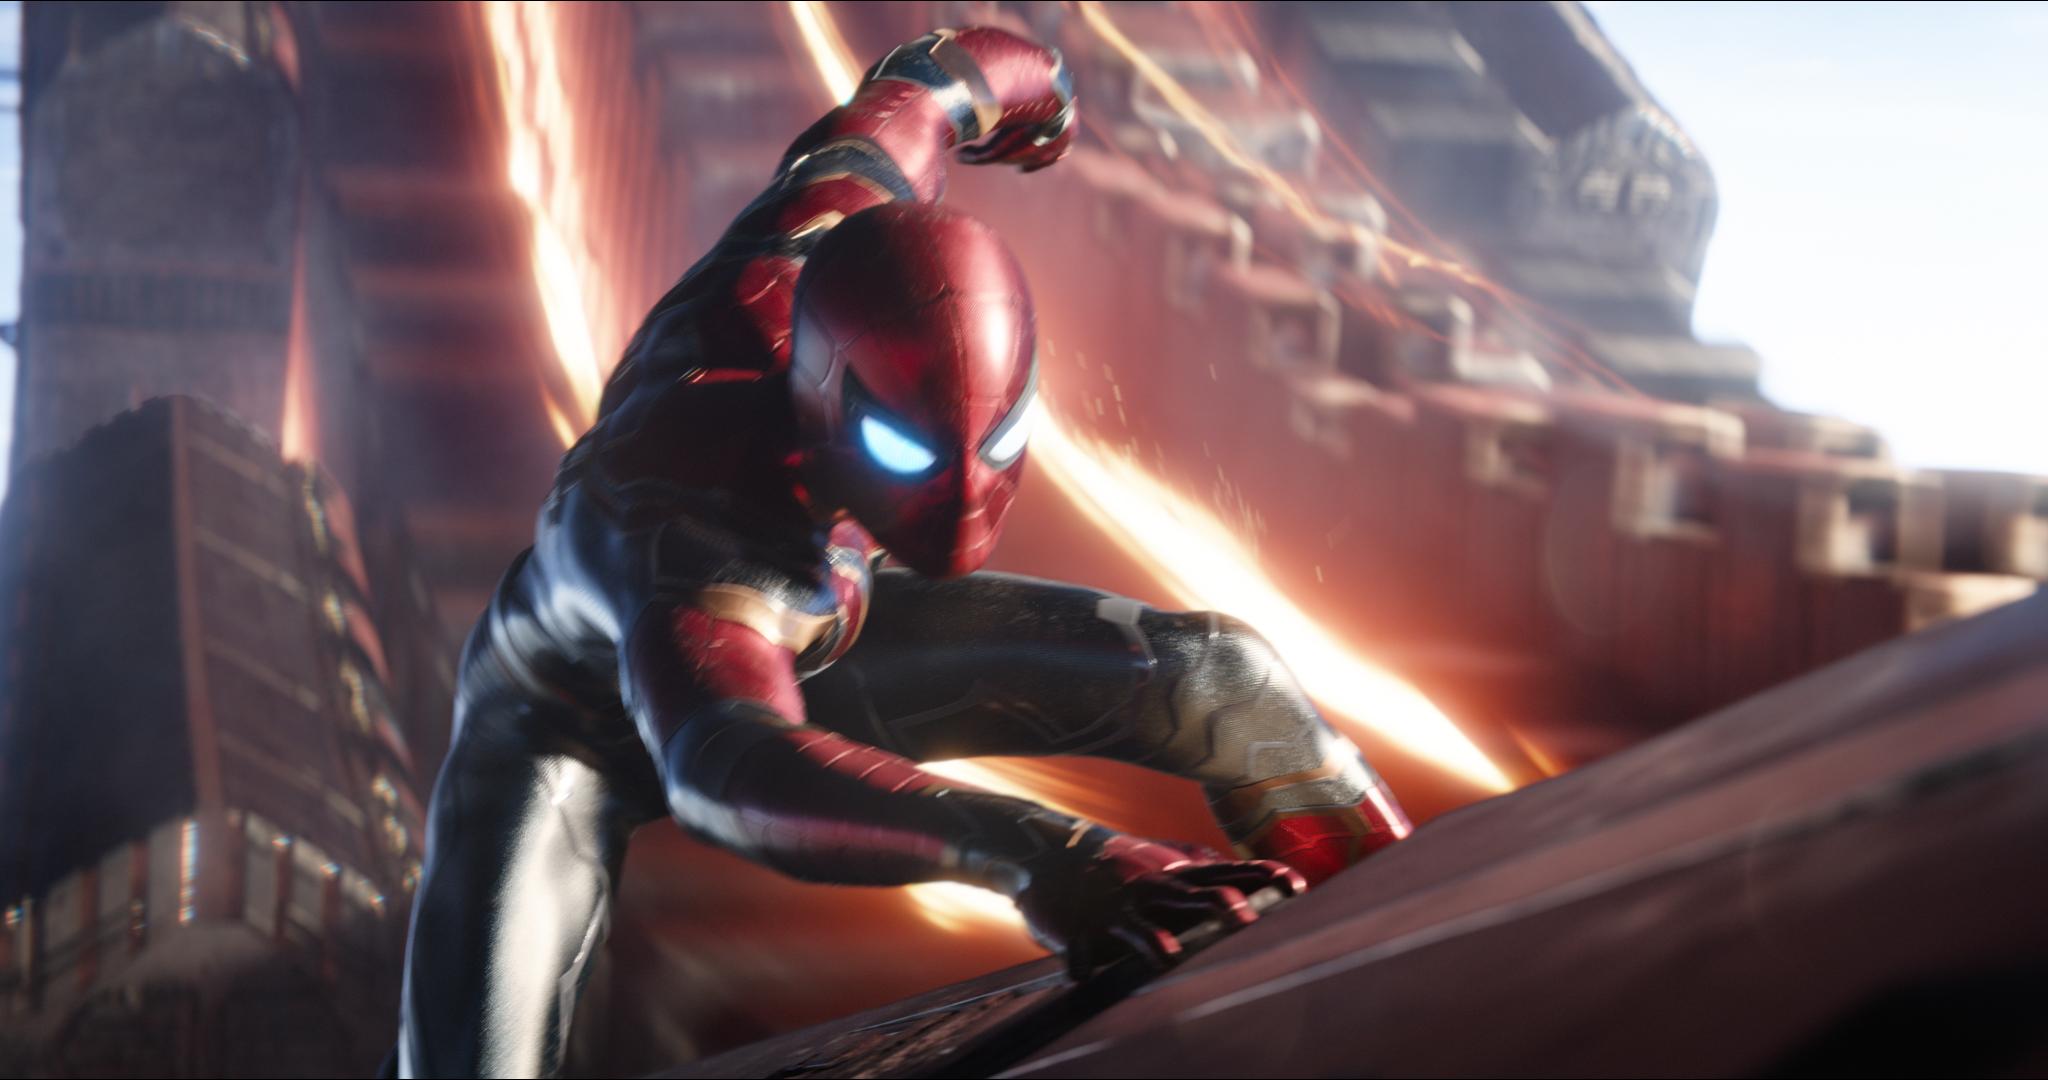 Обои hulk, Avengers: age of ultron, мстители: эра альтрона, злость, халк. Фильмы foto 18